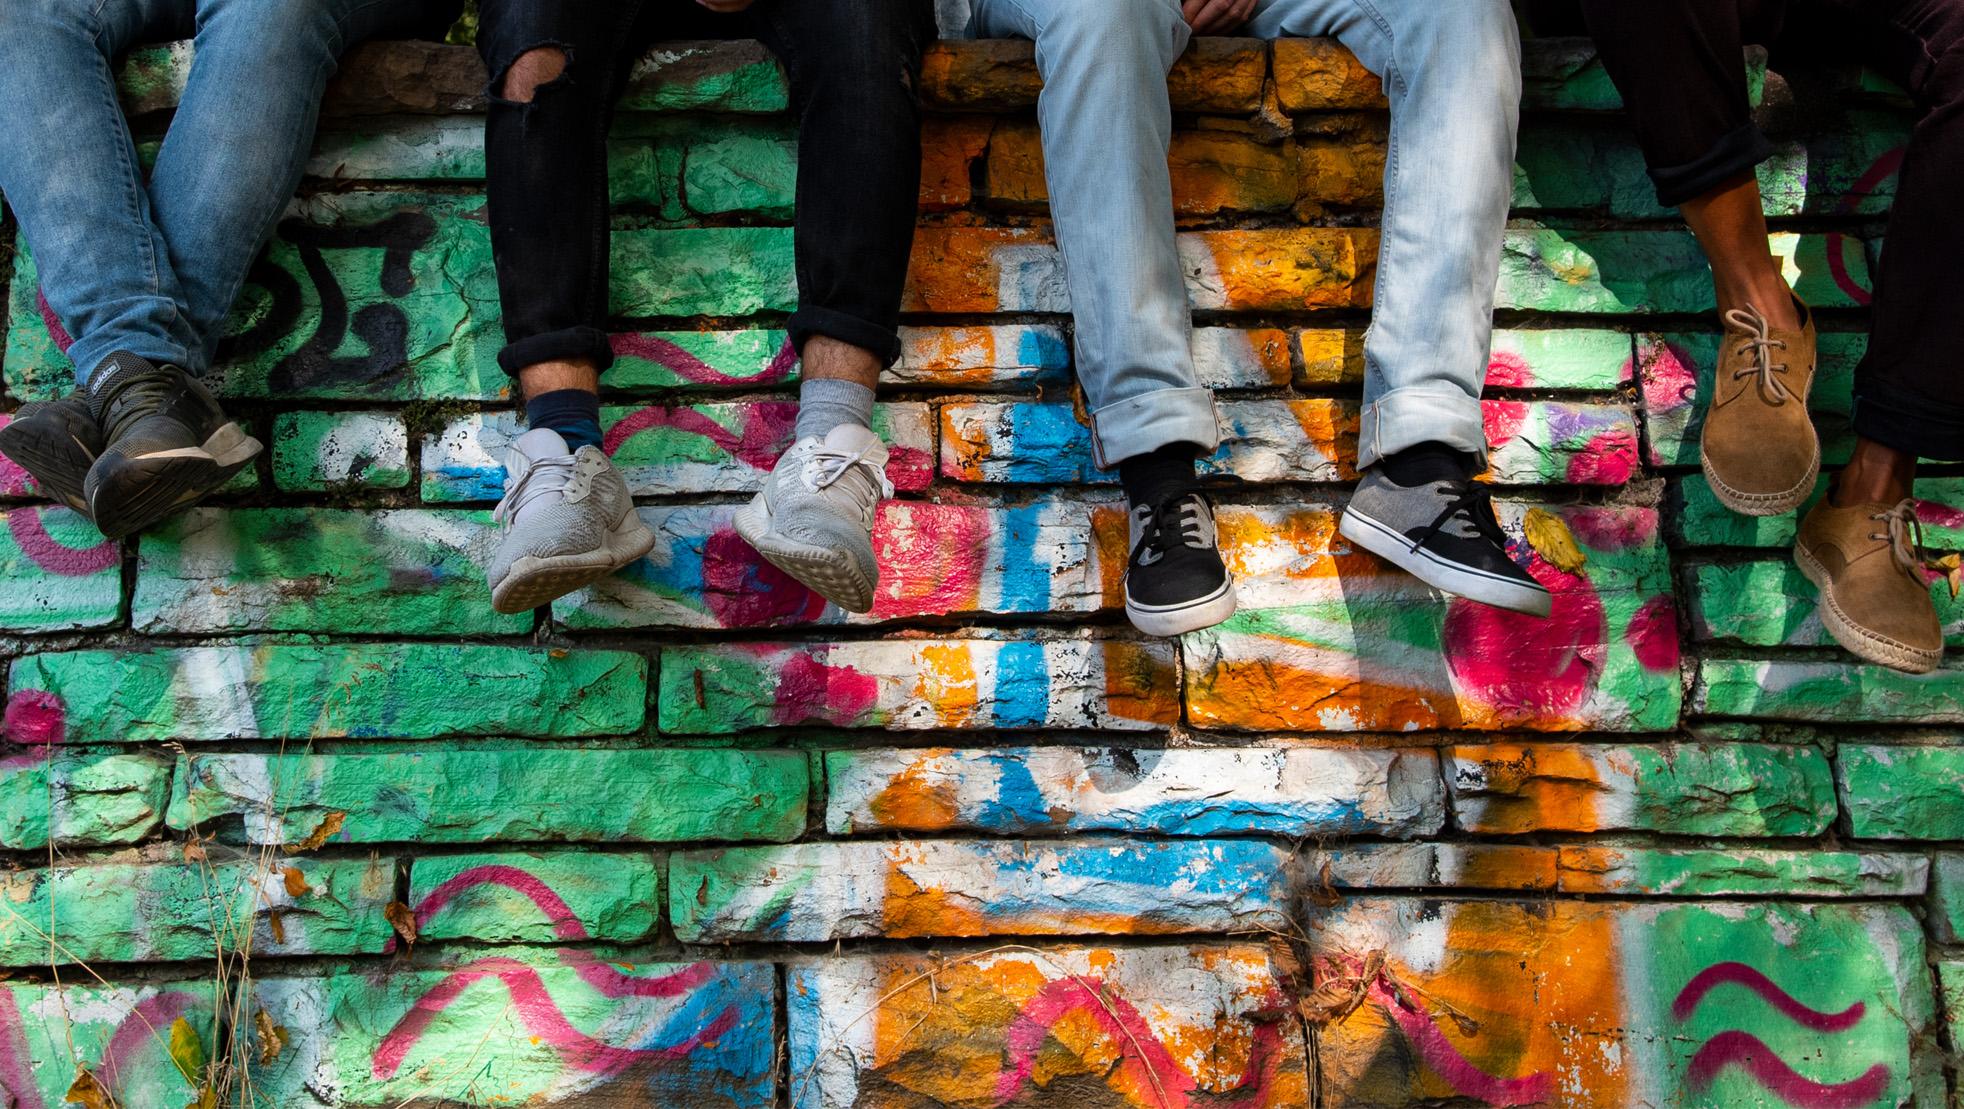 Das Bild zeigt eine bunt bemalte Steinwand, man sieht vier Paar Beine von Personen die auf der Mauer sitzen.